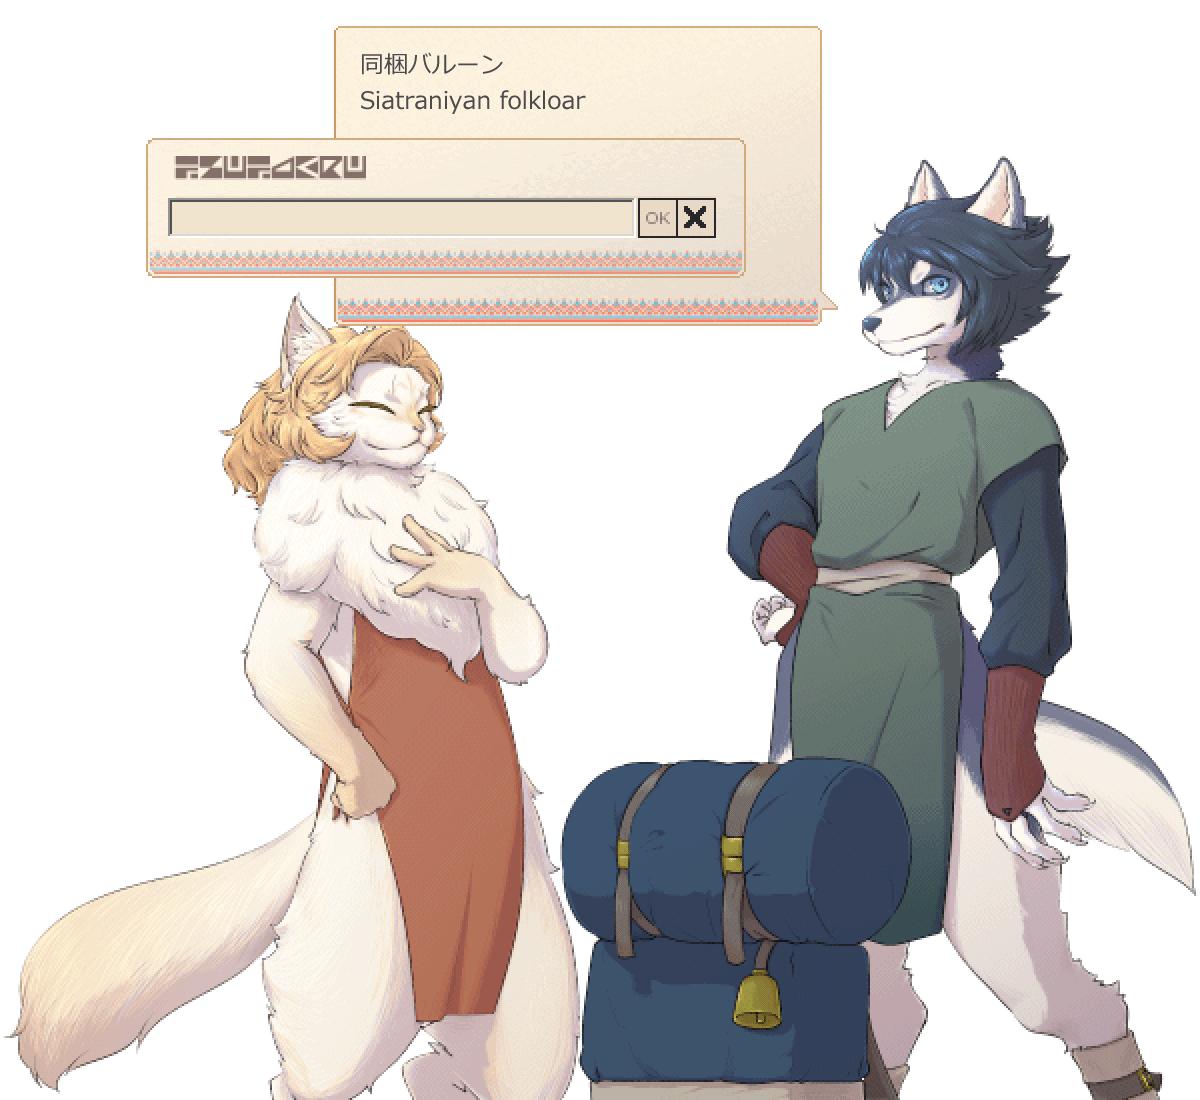 ¥0:シューラ, ¥1:オーリャ